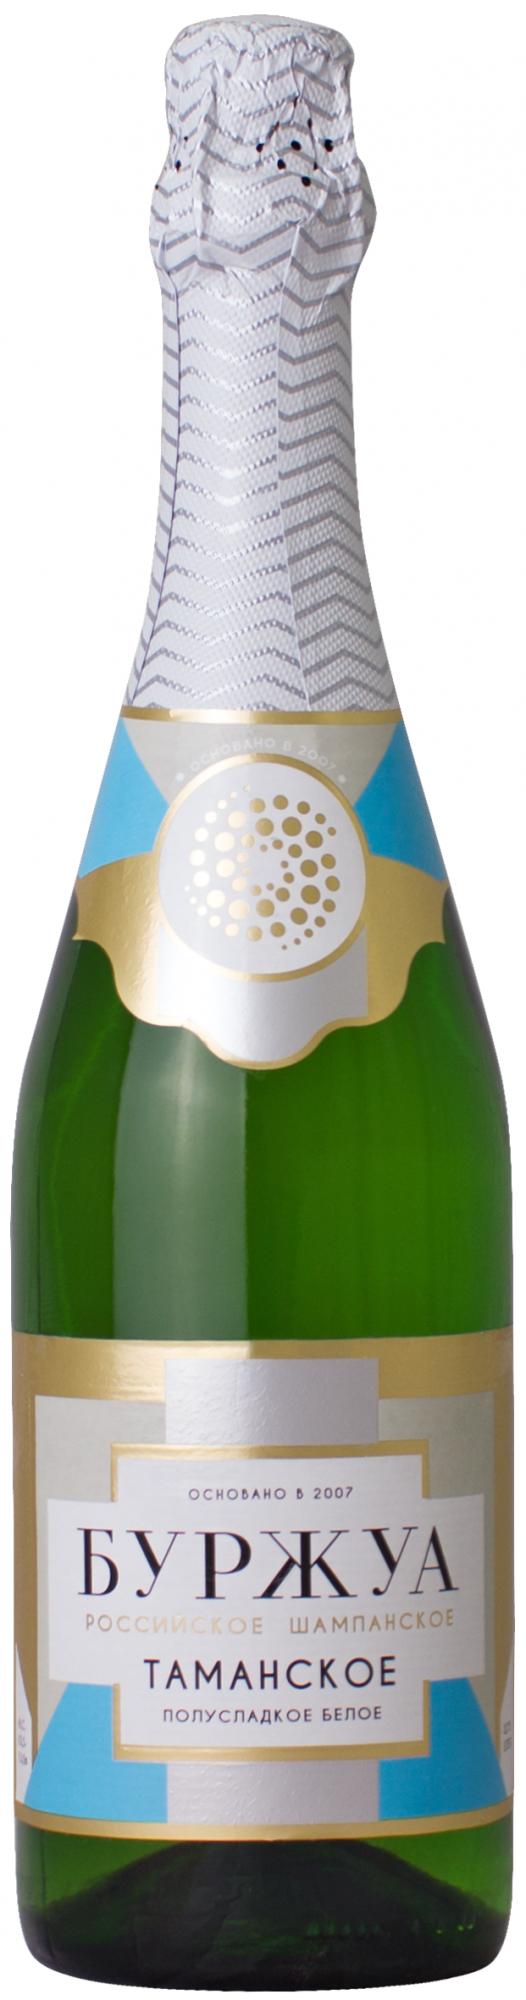 Золотое шампанское: коллекция вин с драгоценными хлопьями в бутылке и уникальной упаковкой, среди которых боско, aviva gold, vogue, российское золотые традиции